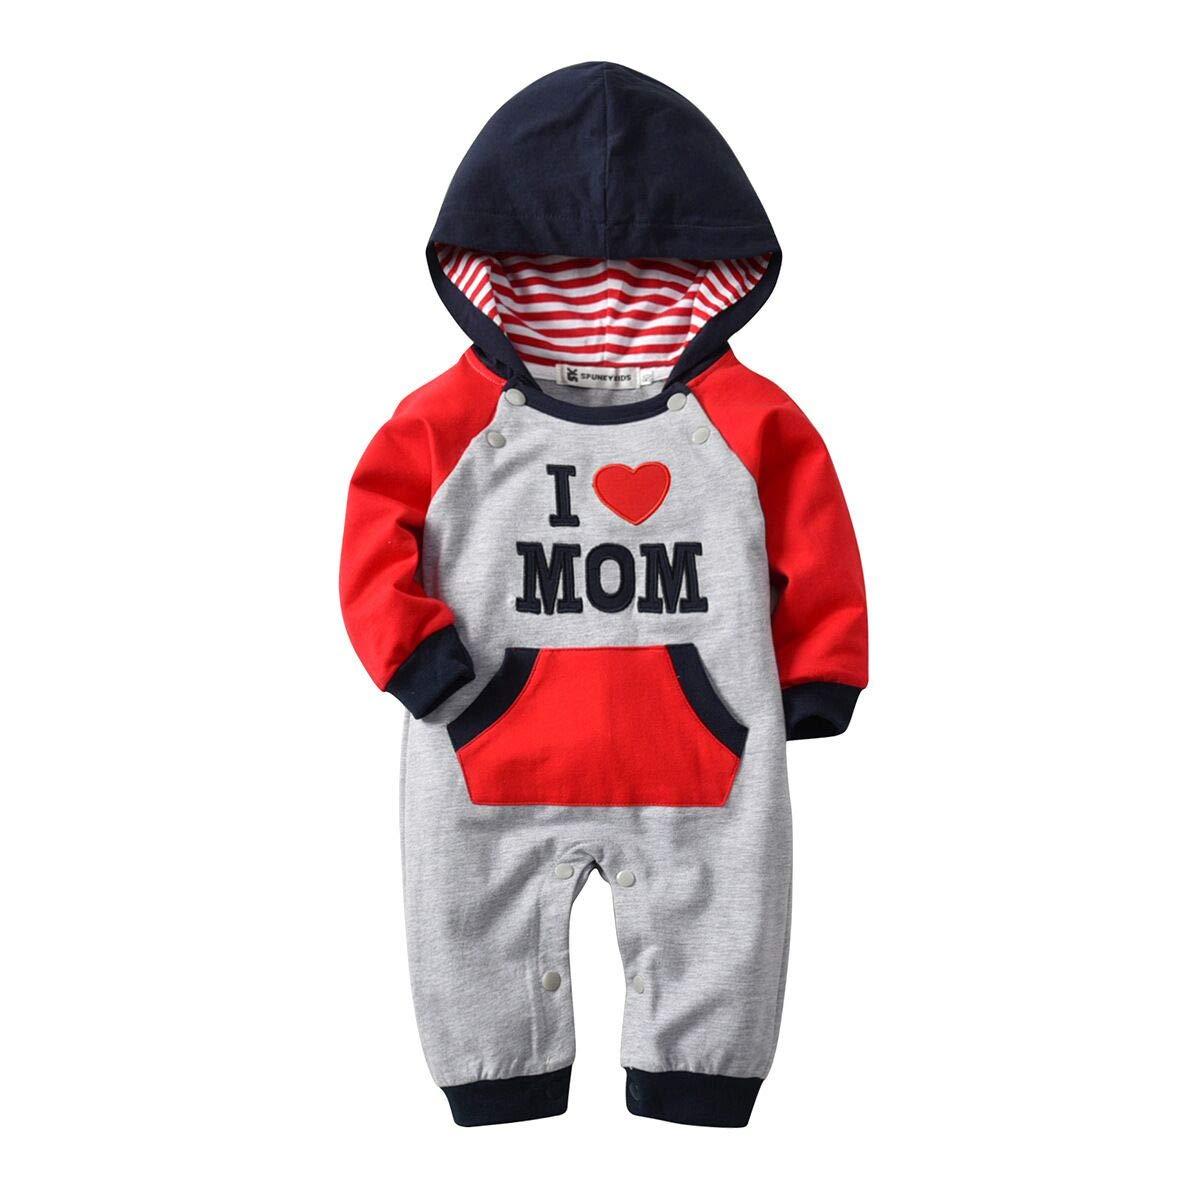 Pagliaccetto Neonato Unisex, Inverno e autunno Neonato Cotone Lunga cappuccio Romper Baby Jumpsuits